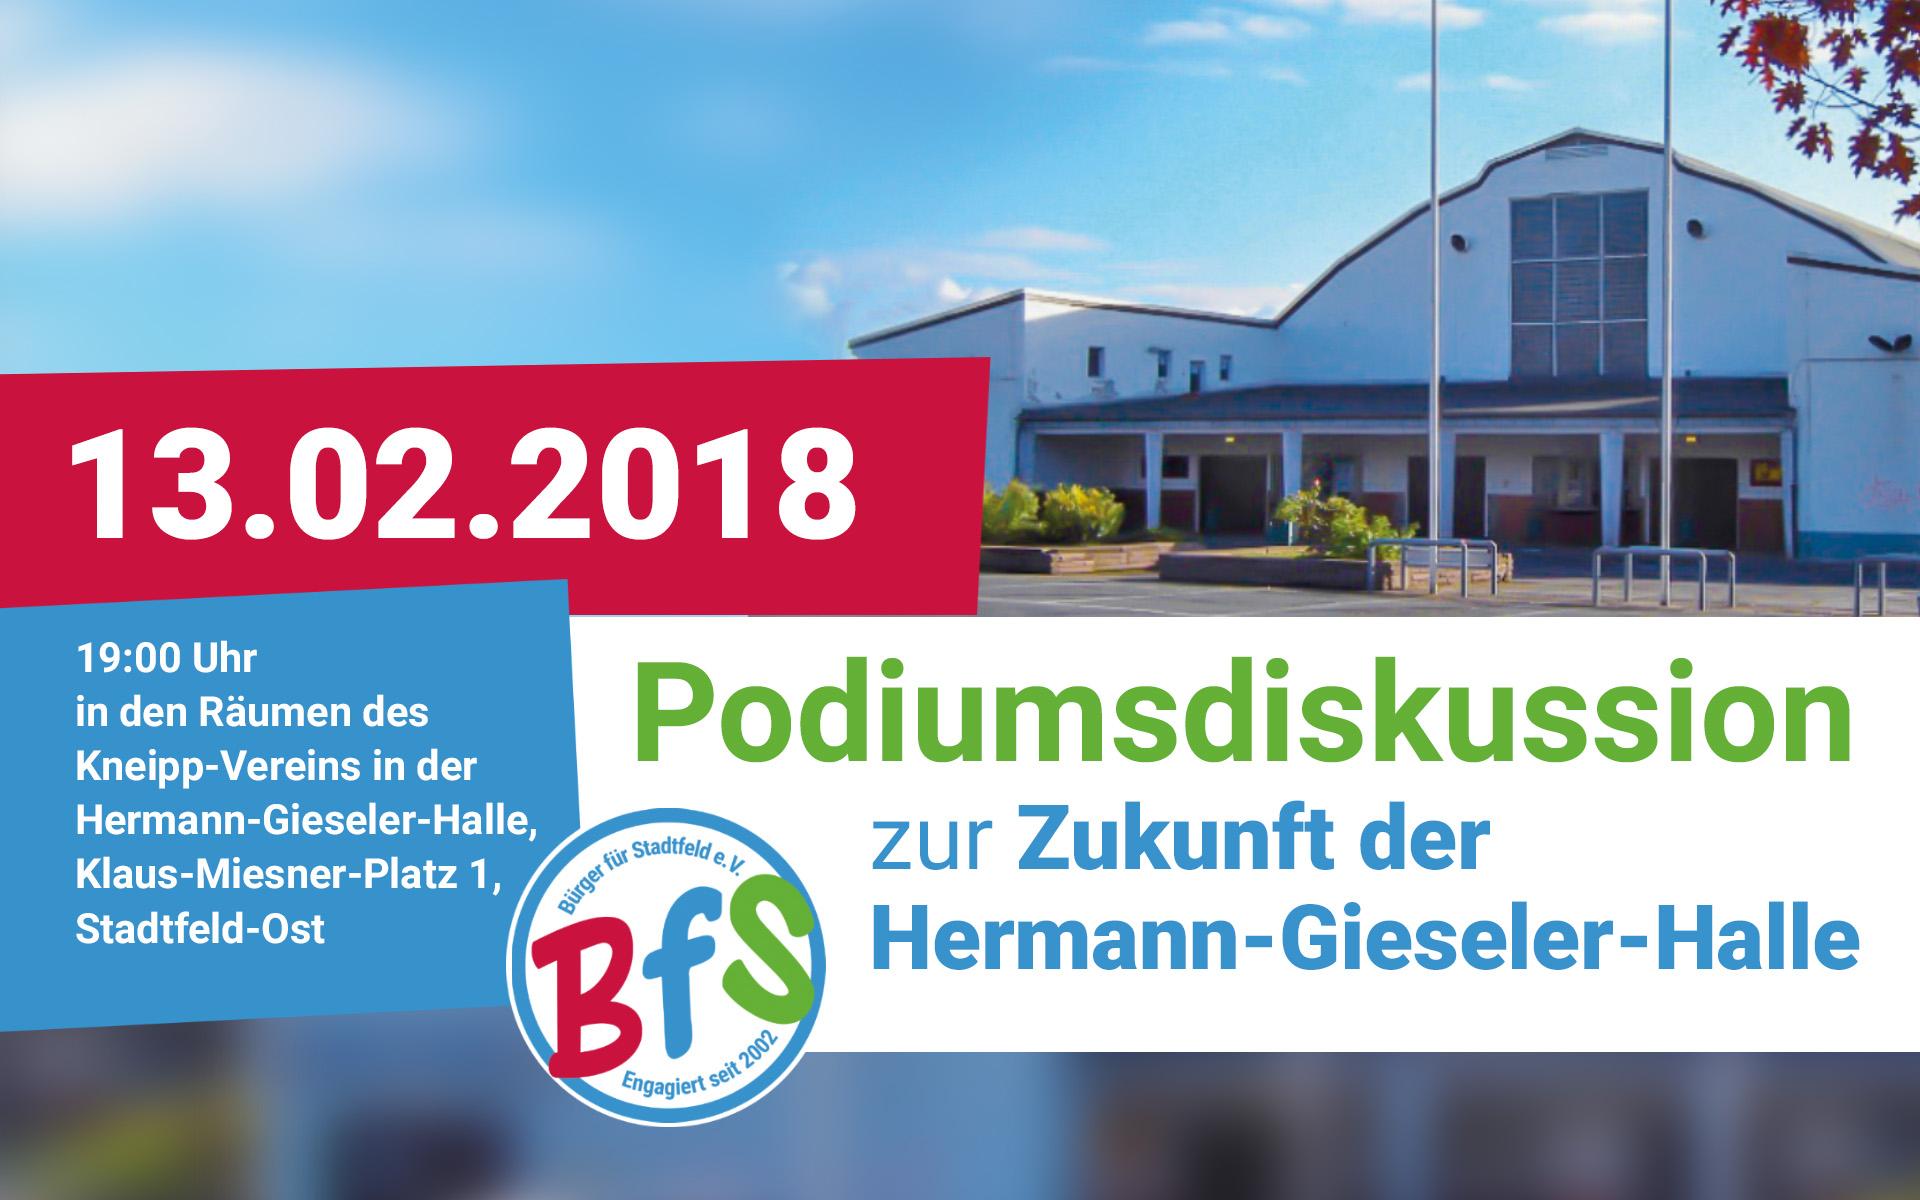 Einladung zu podiumsdiskussion zur zukunft der hermann gieseler halle am magdeburg - Mobelmarkt magdeburg ...